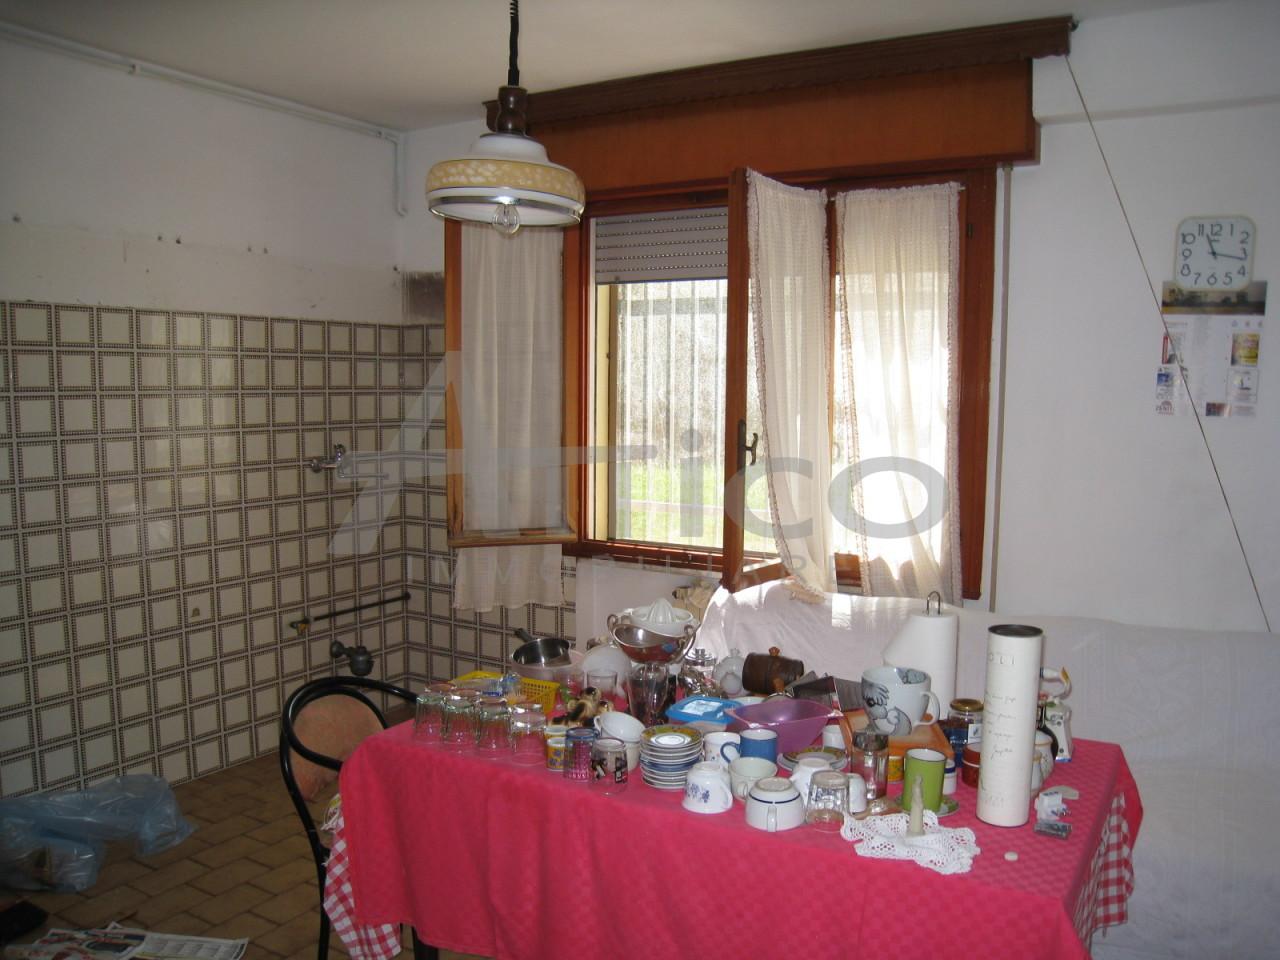 Appartamento in vendita a Rovigo, 3 locali, prezzo € 68.000 | CambioCasa.it